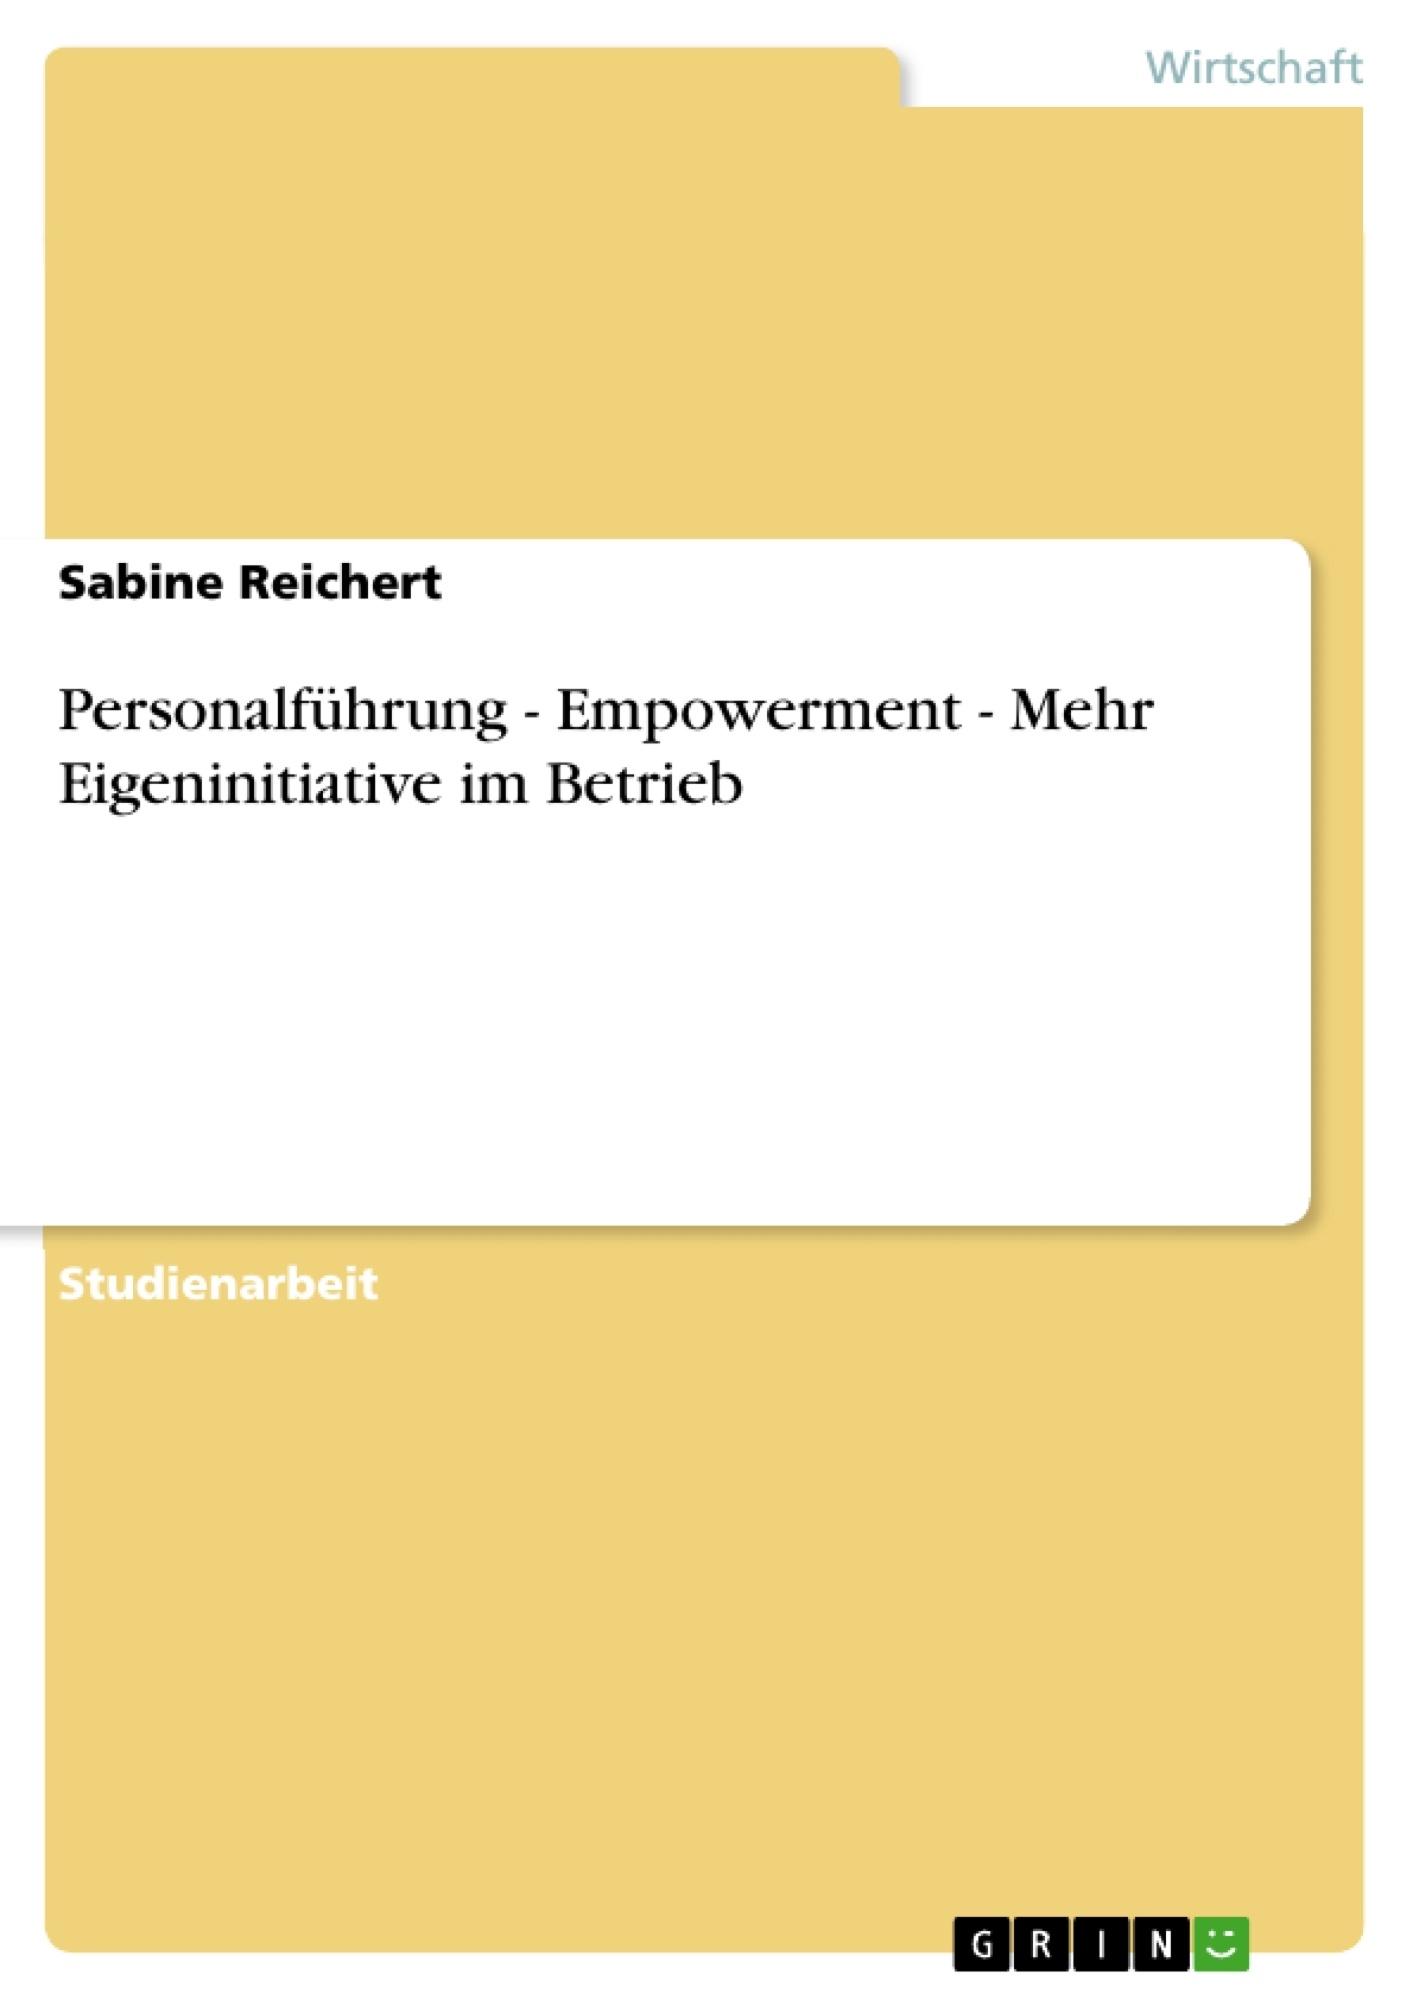 Titel: Personalführung - Empowerment - Mehr Eigeninitiative im Betrieb